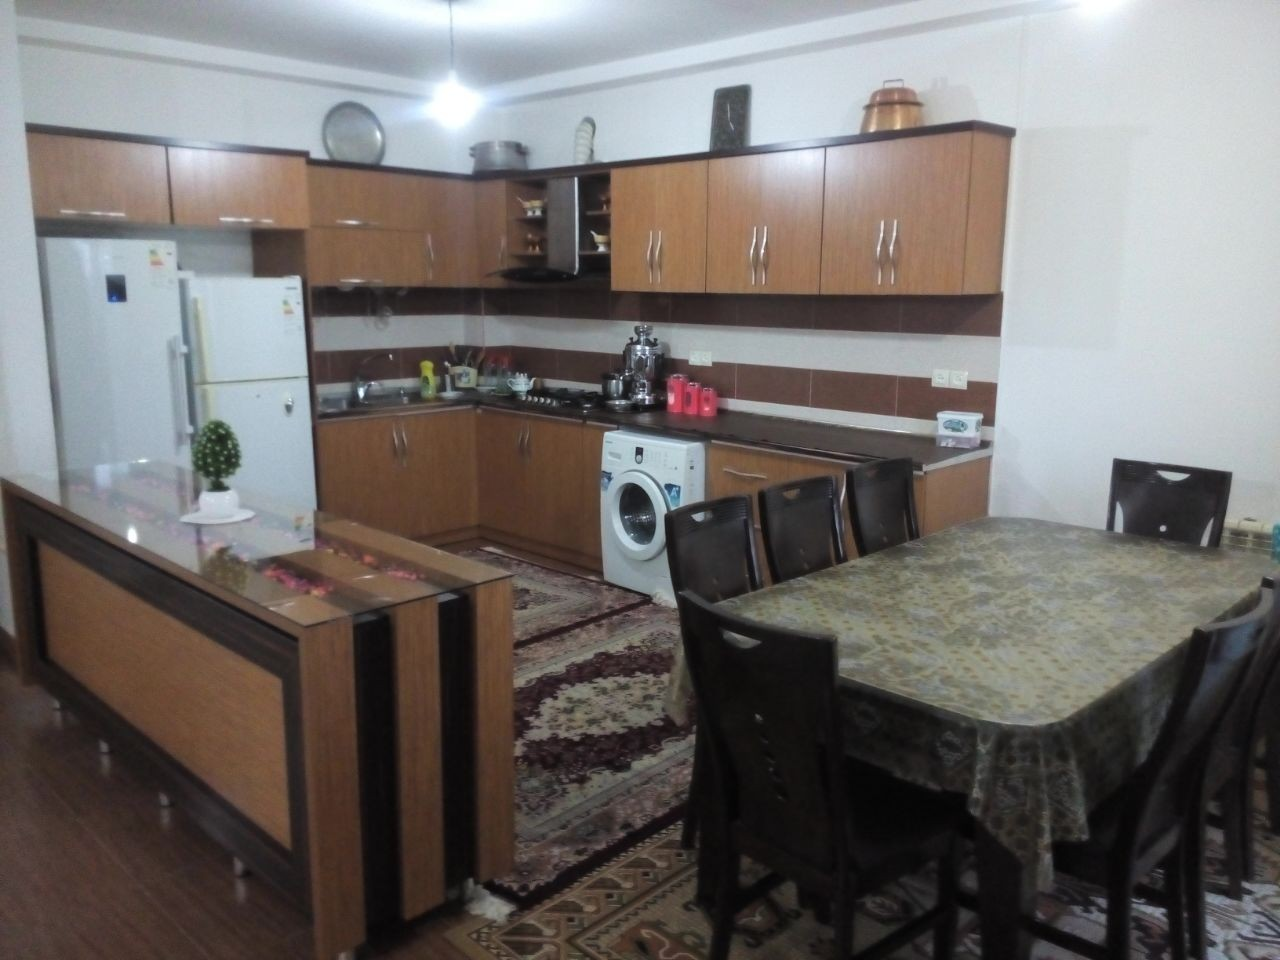 شهری آپارتمان مبله در بلوار مهندس راهب رامسر